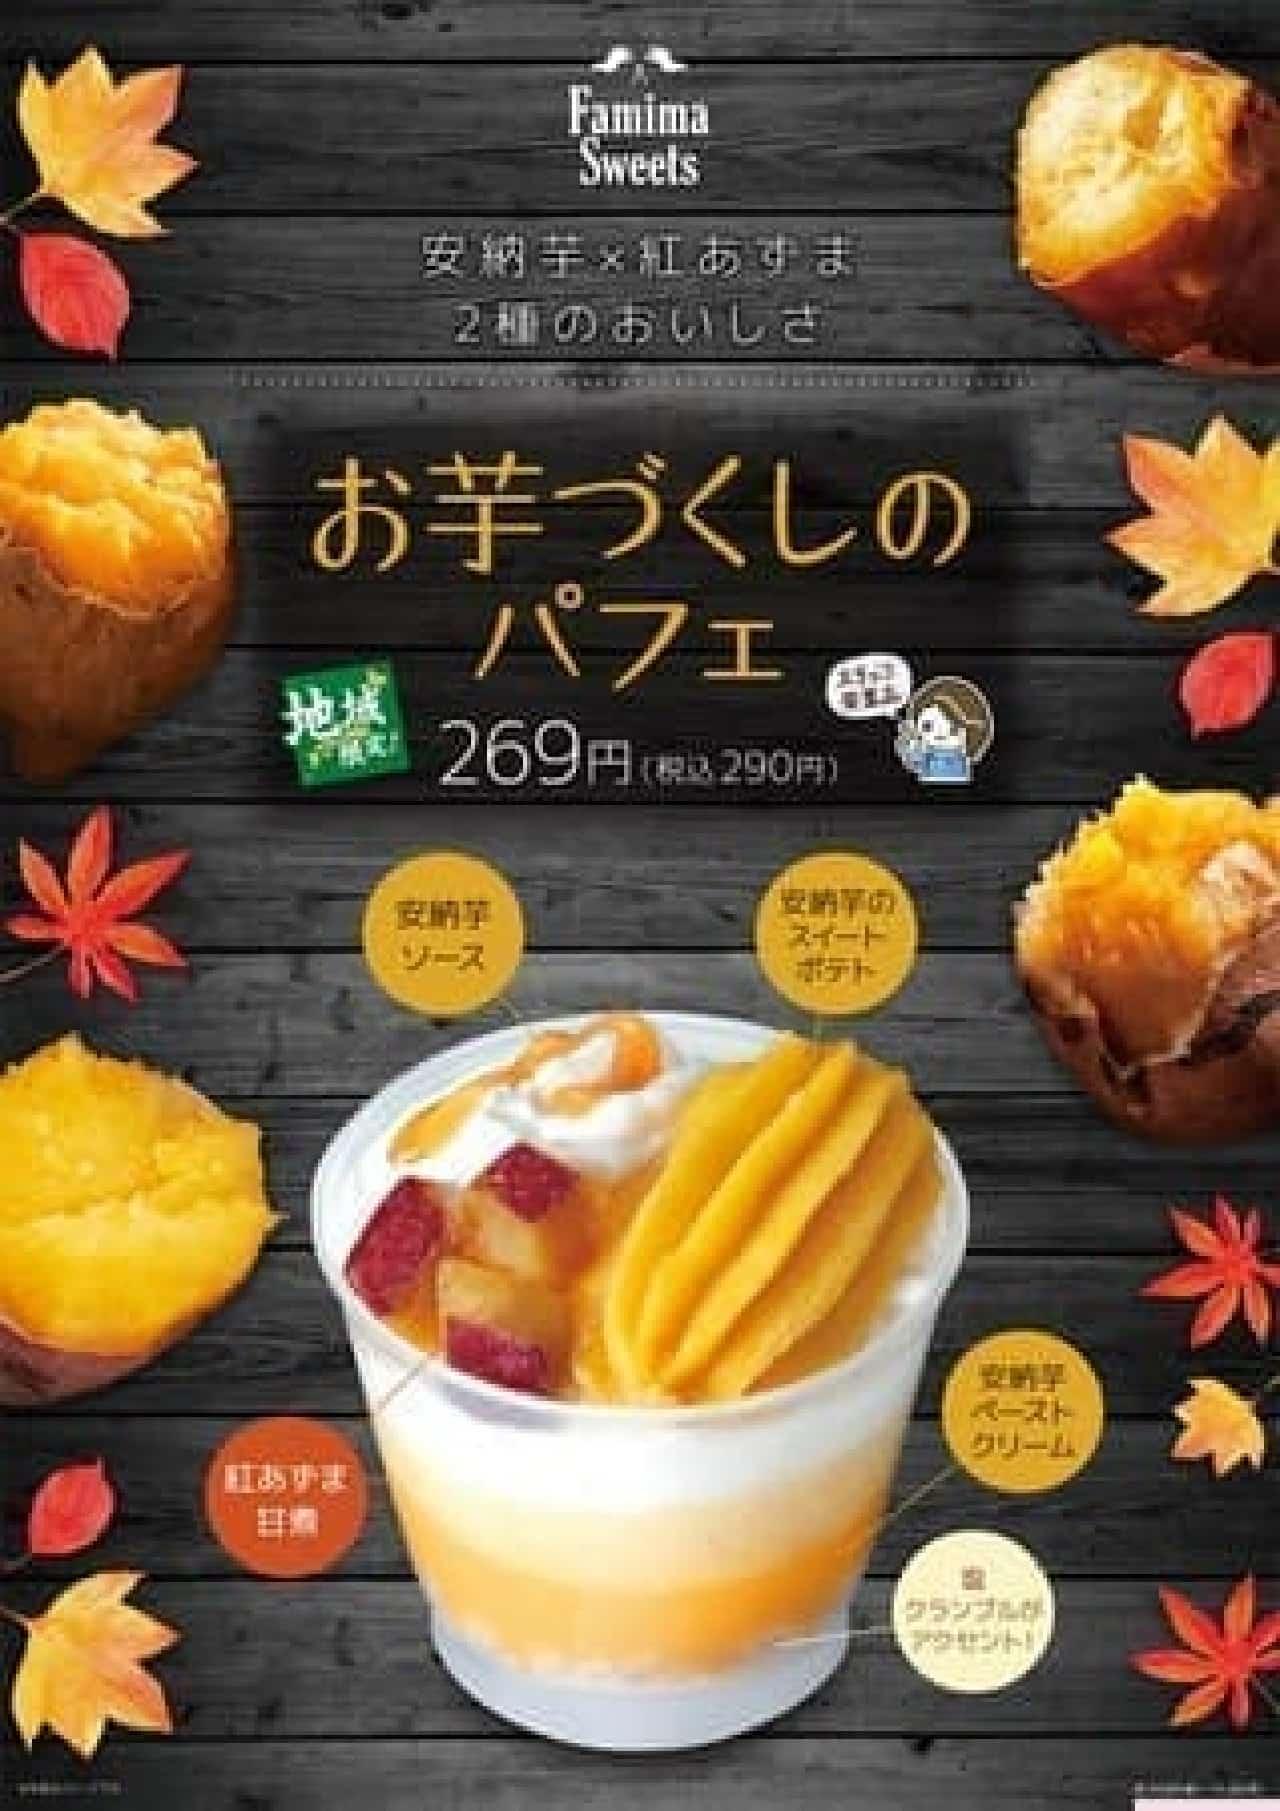 関西のファミリーマート限定「お芋づくしのパフェ」